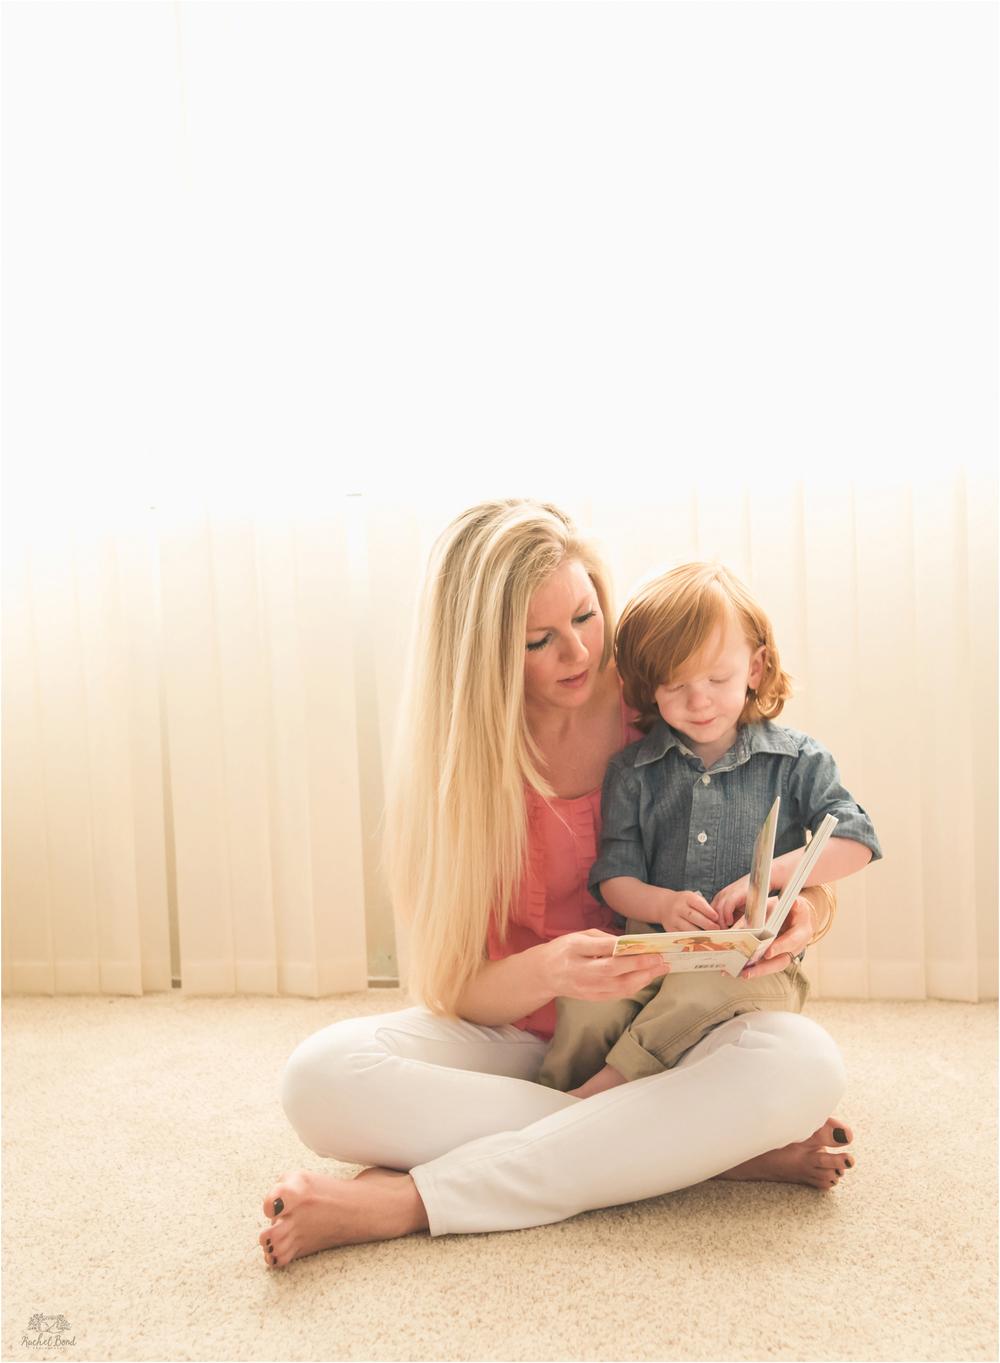 Rachel-Bond-Birmingham-AL-Family-Photographer-27.jpg